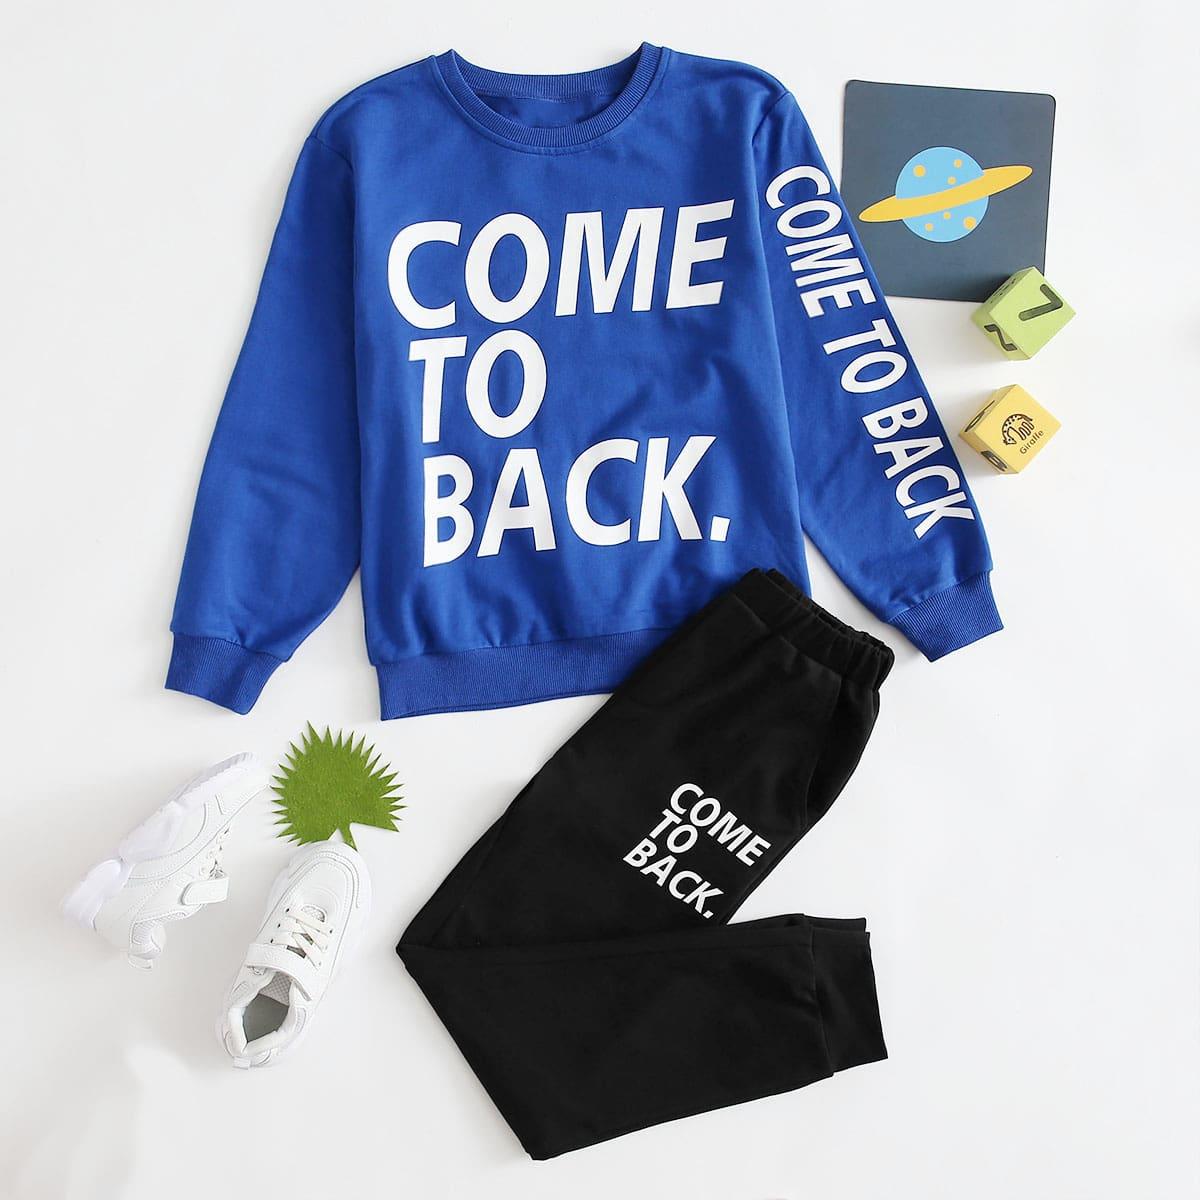 Брюки и пуловер с текстовым принтом для мальчиков